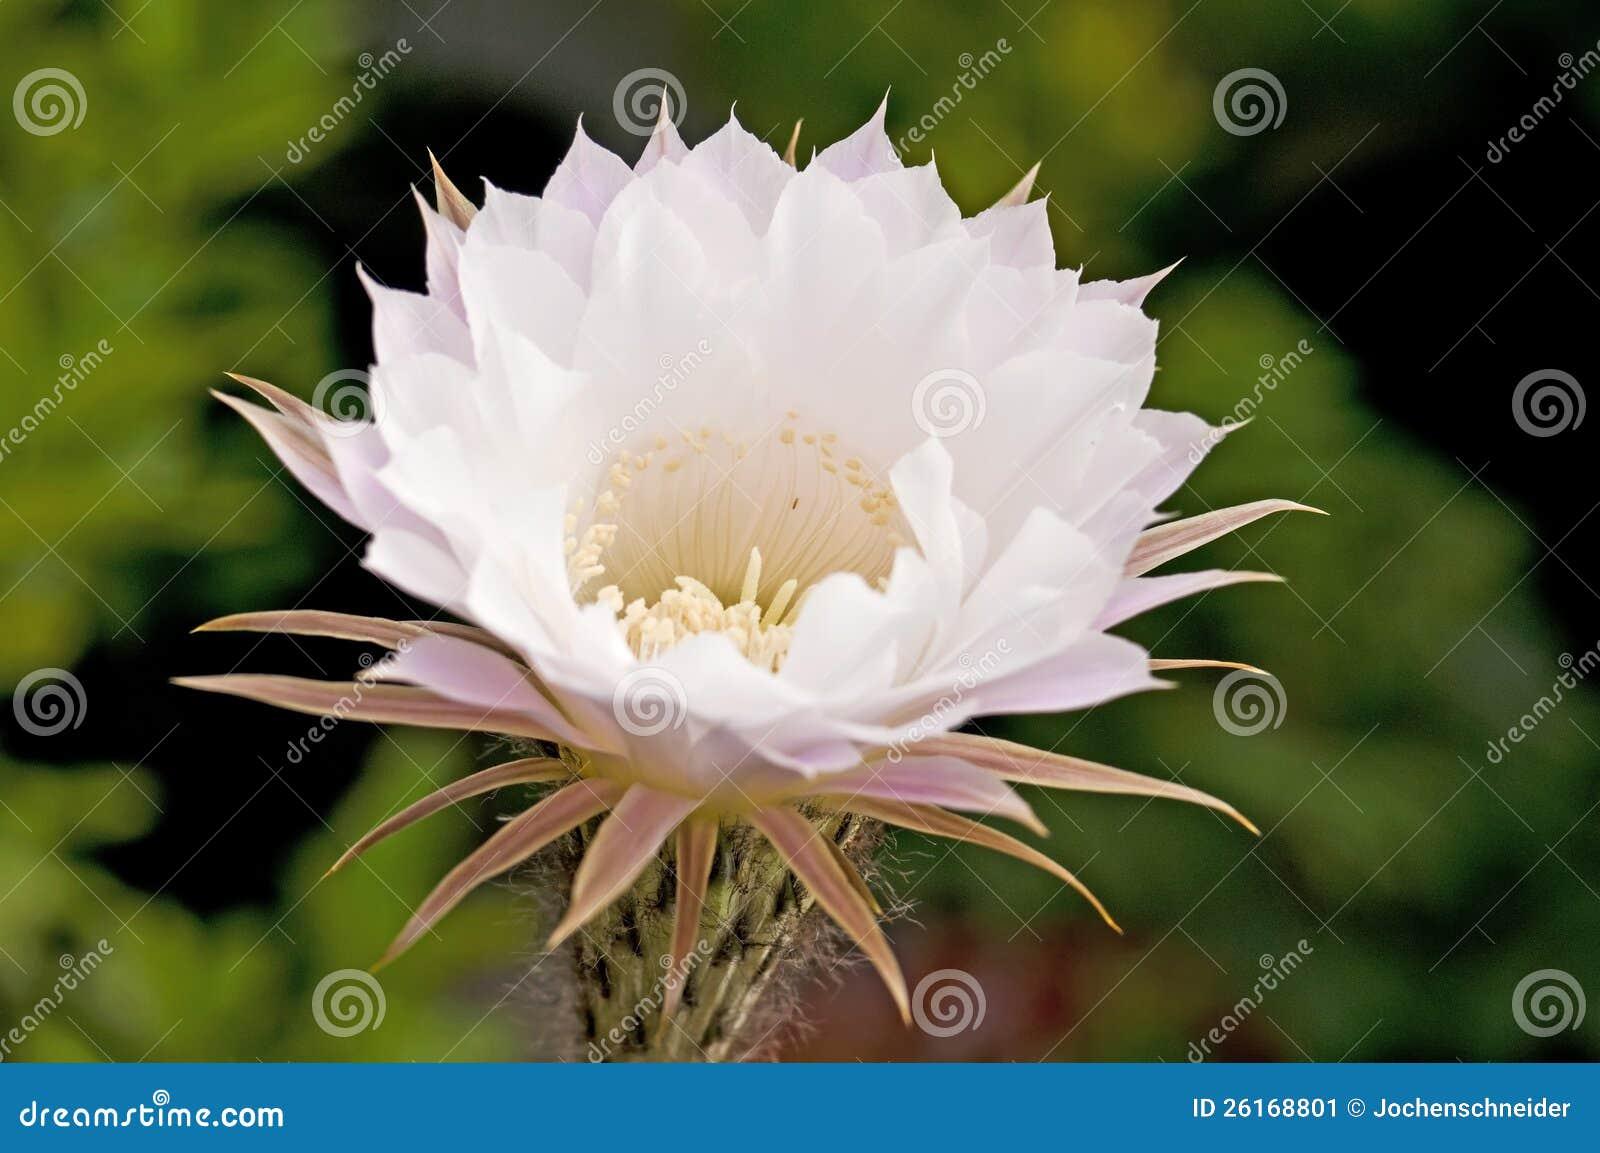 開花的仙人掌刺頭屬erysii特寫鏡頭.圖片